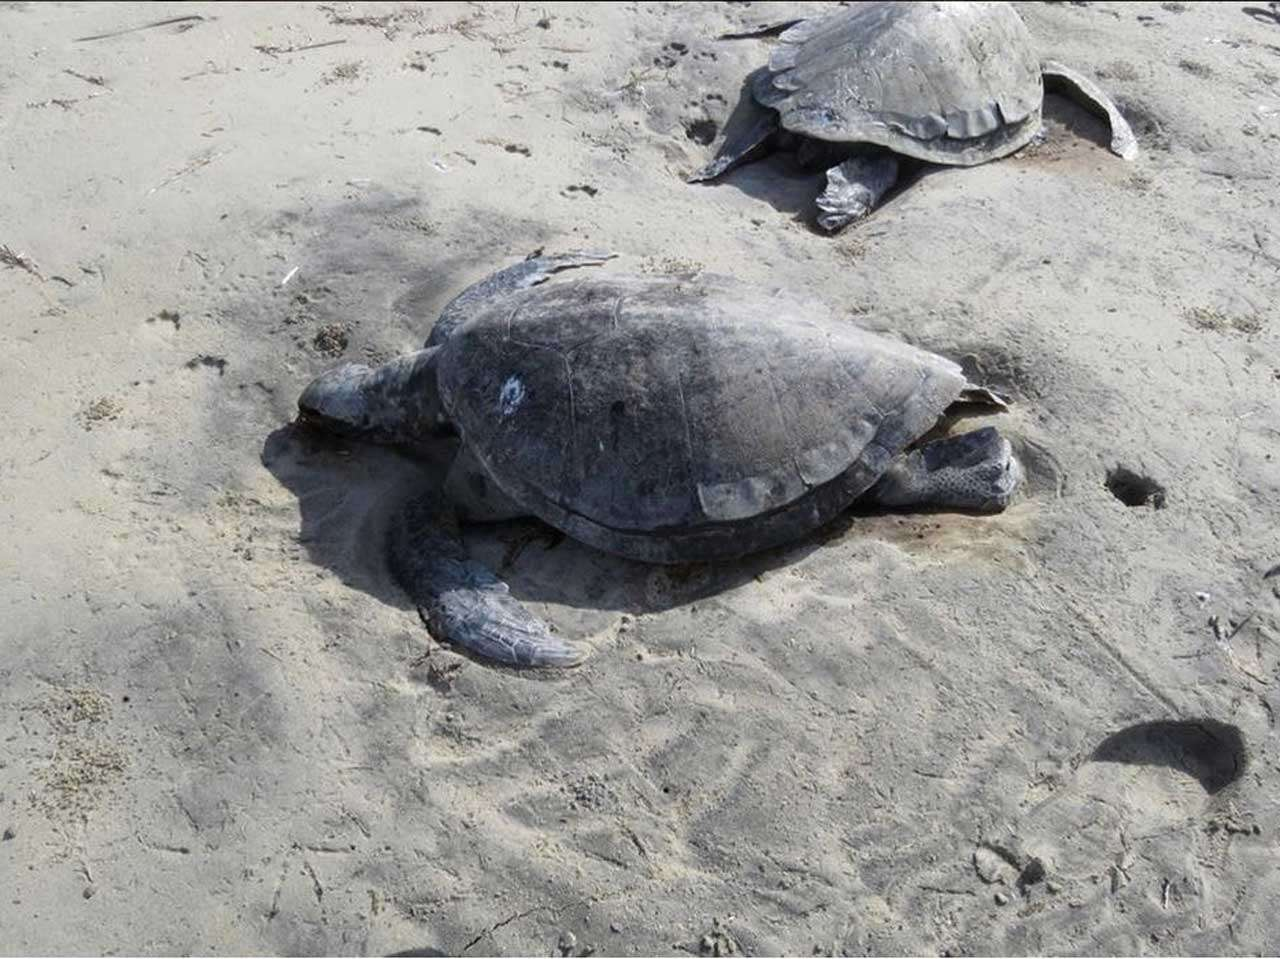 150 tortugas fueron encontradas muertas en la laguna Ojo de Liebre en Baja California Sur, el 30 de enero de 2015, las autoridades creen que murieron por hipotermia. Foto: @PROFEPA_Mx/Twitter